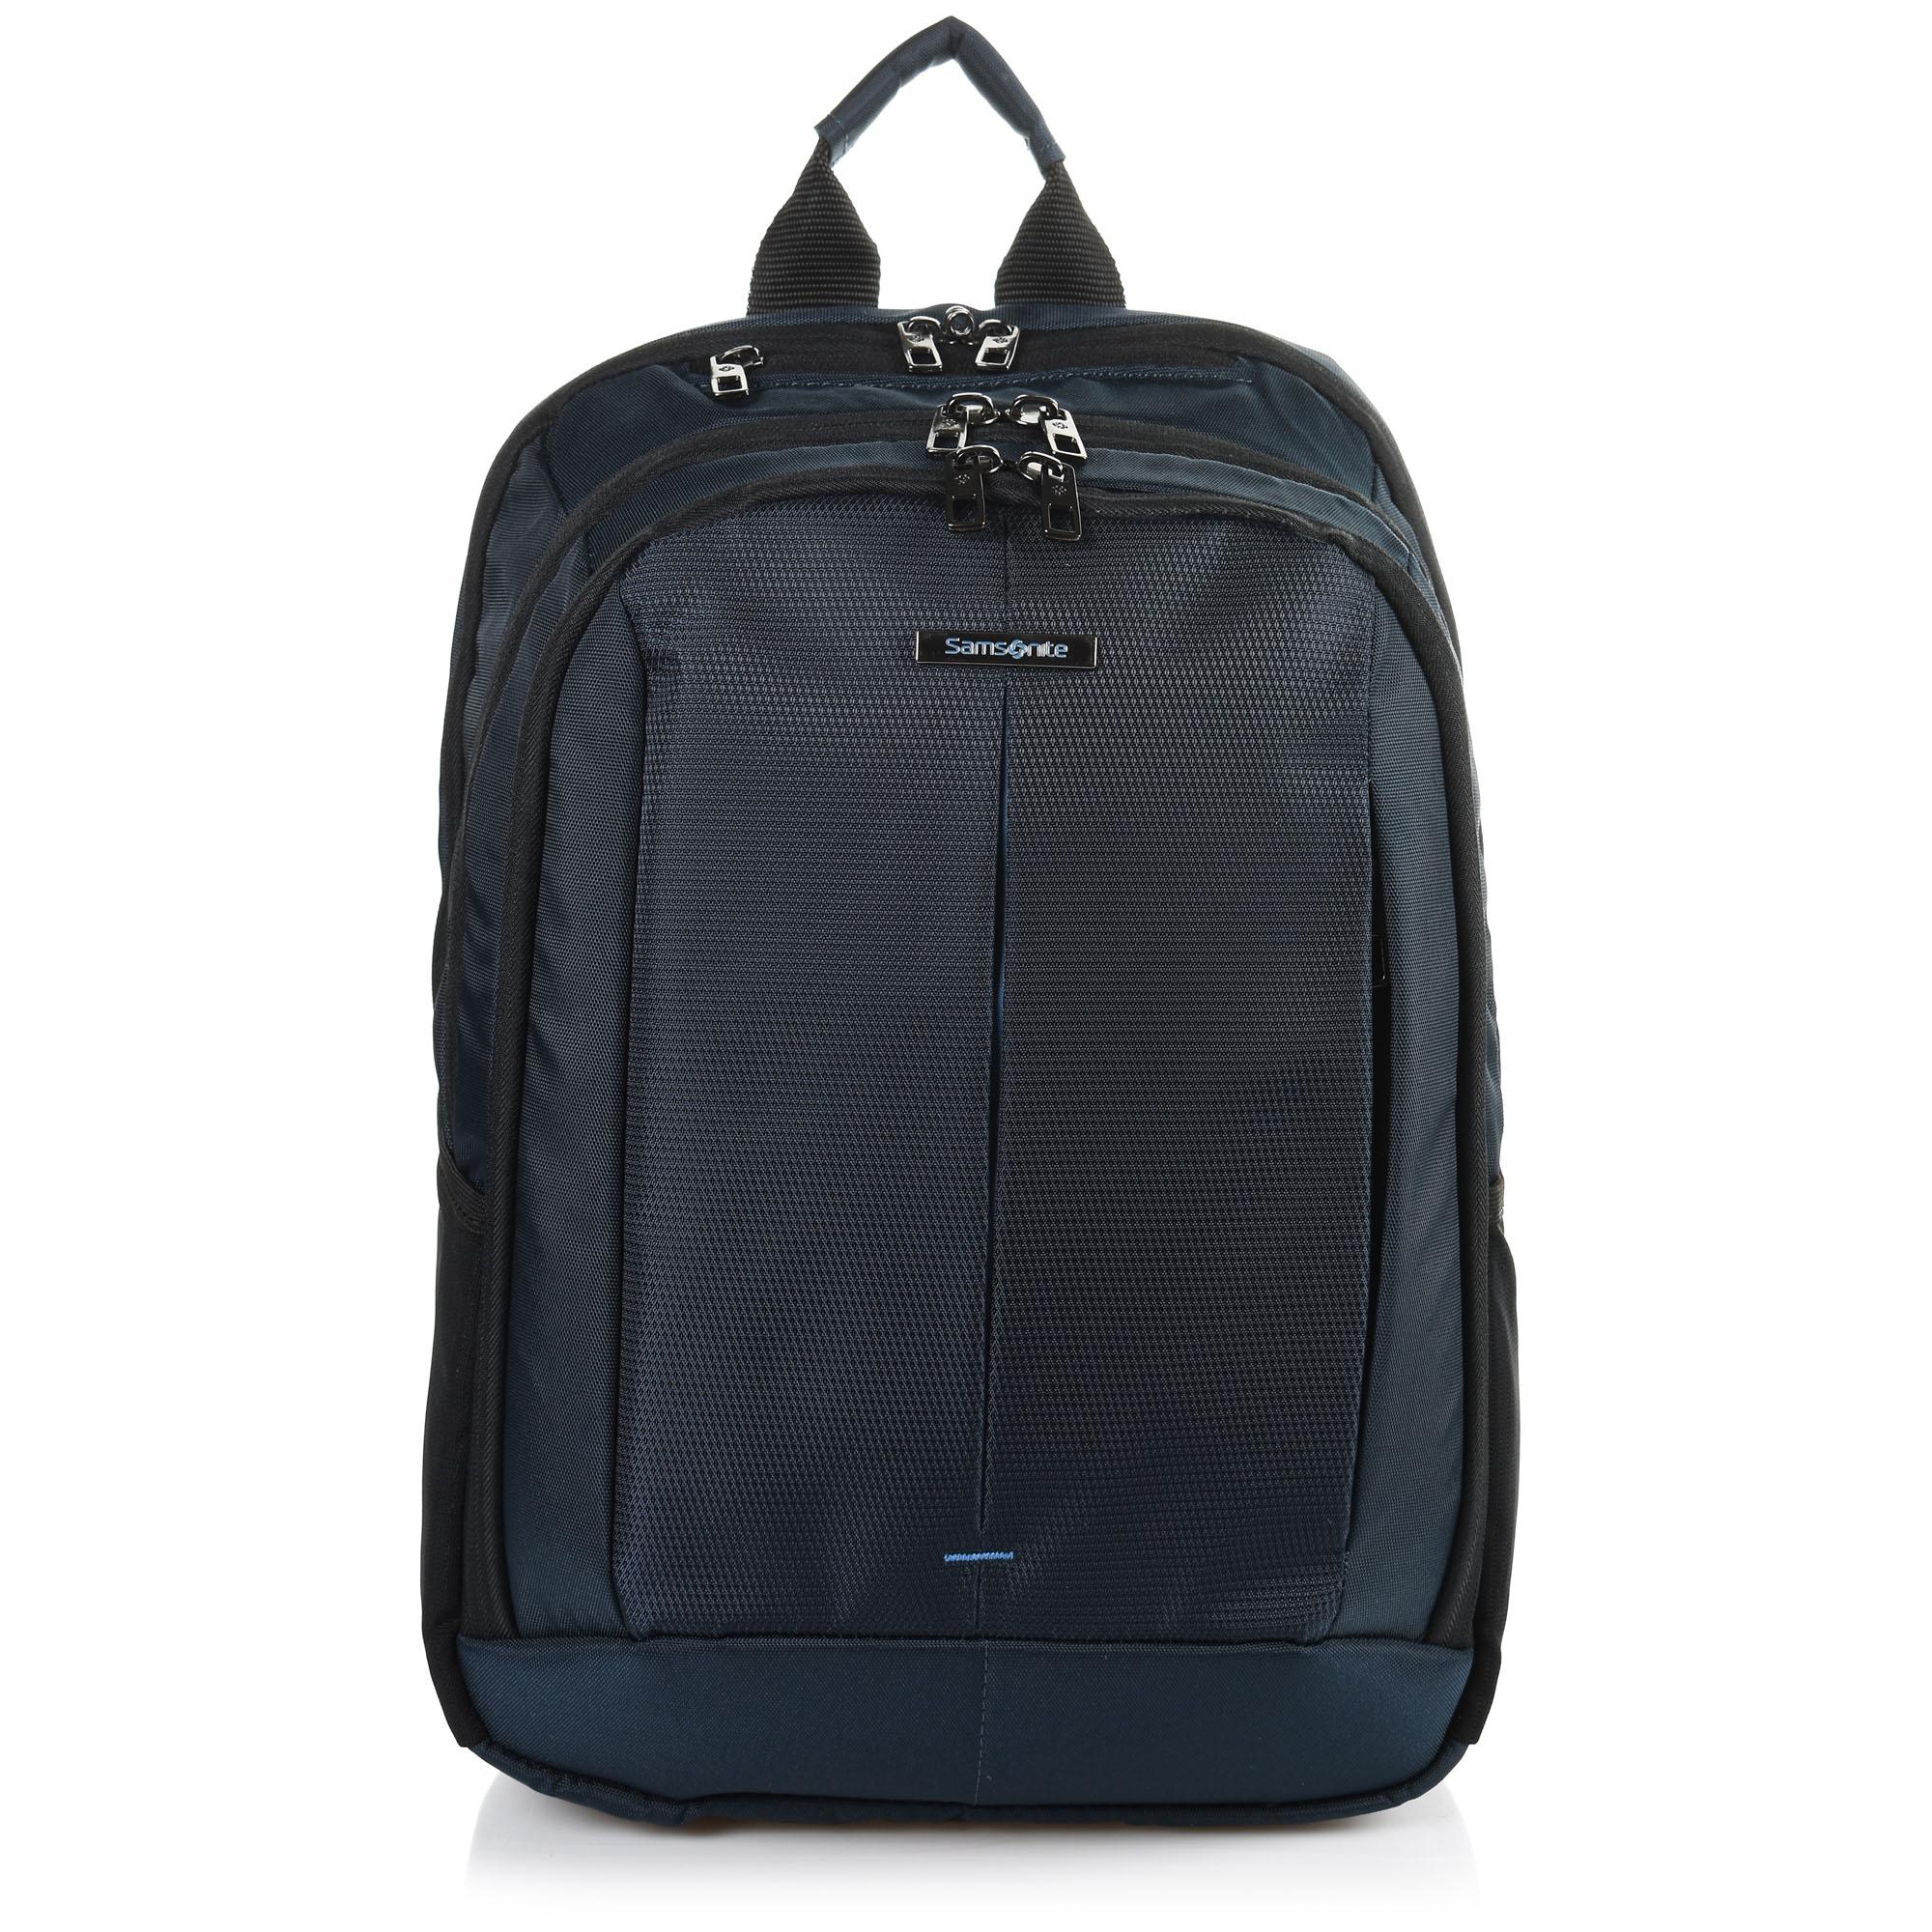 """Σακίδιο Πλάτης Samsonite Laptop Guardit 2.0 Backpack S 14.1"""" 115329 ανδρας   σακίδιο πλάτης"""